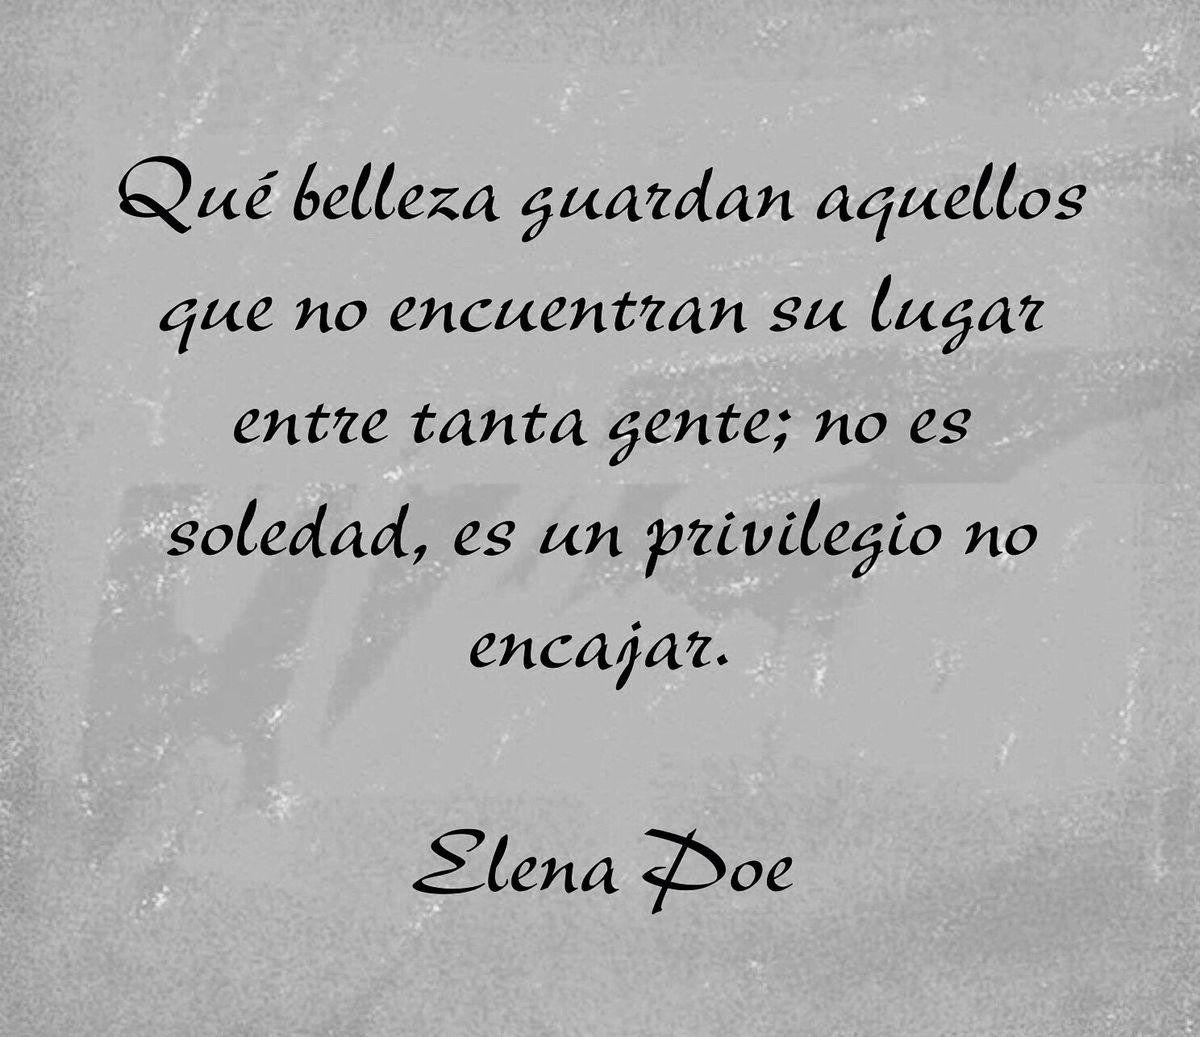 Frases de Elena Poe para dedicar y dedicarte Hazte el amor